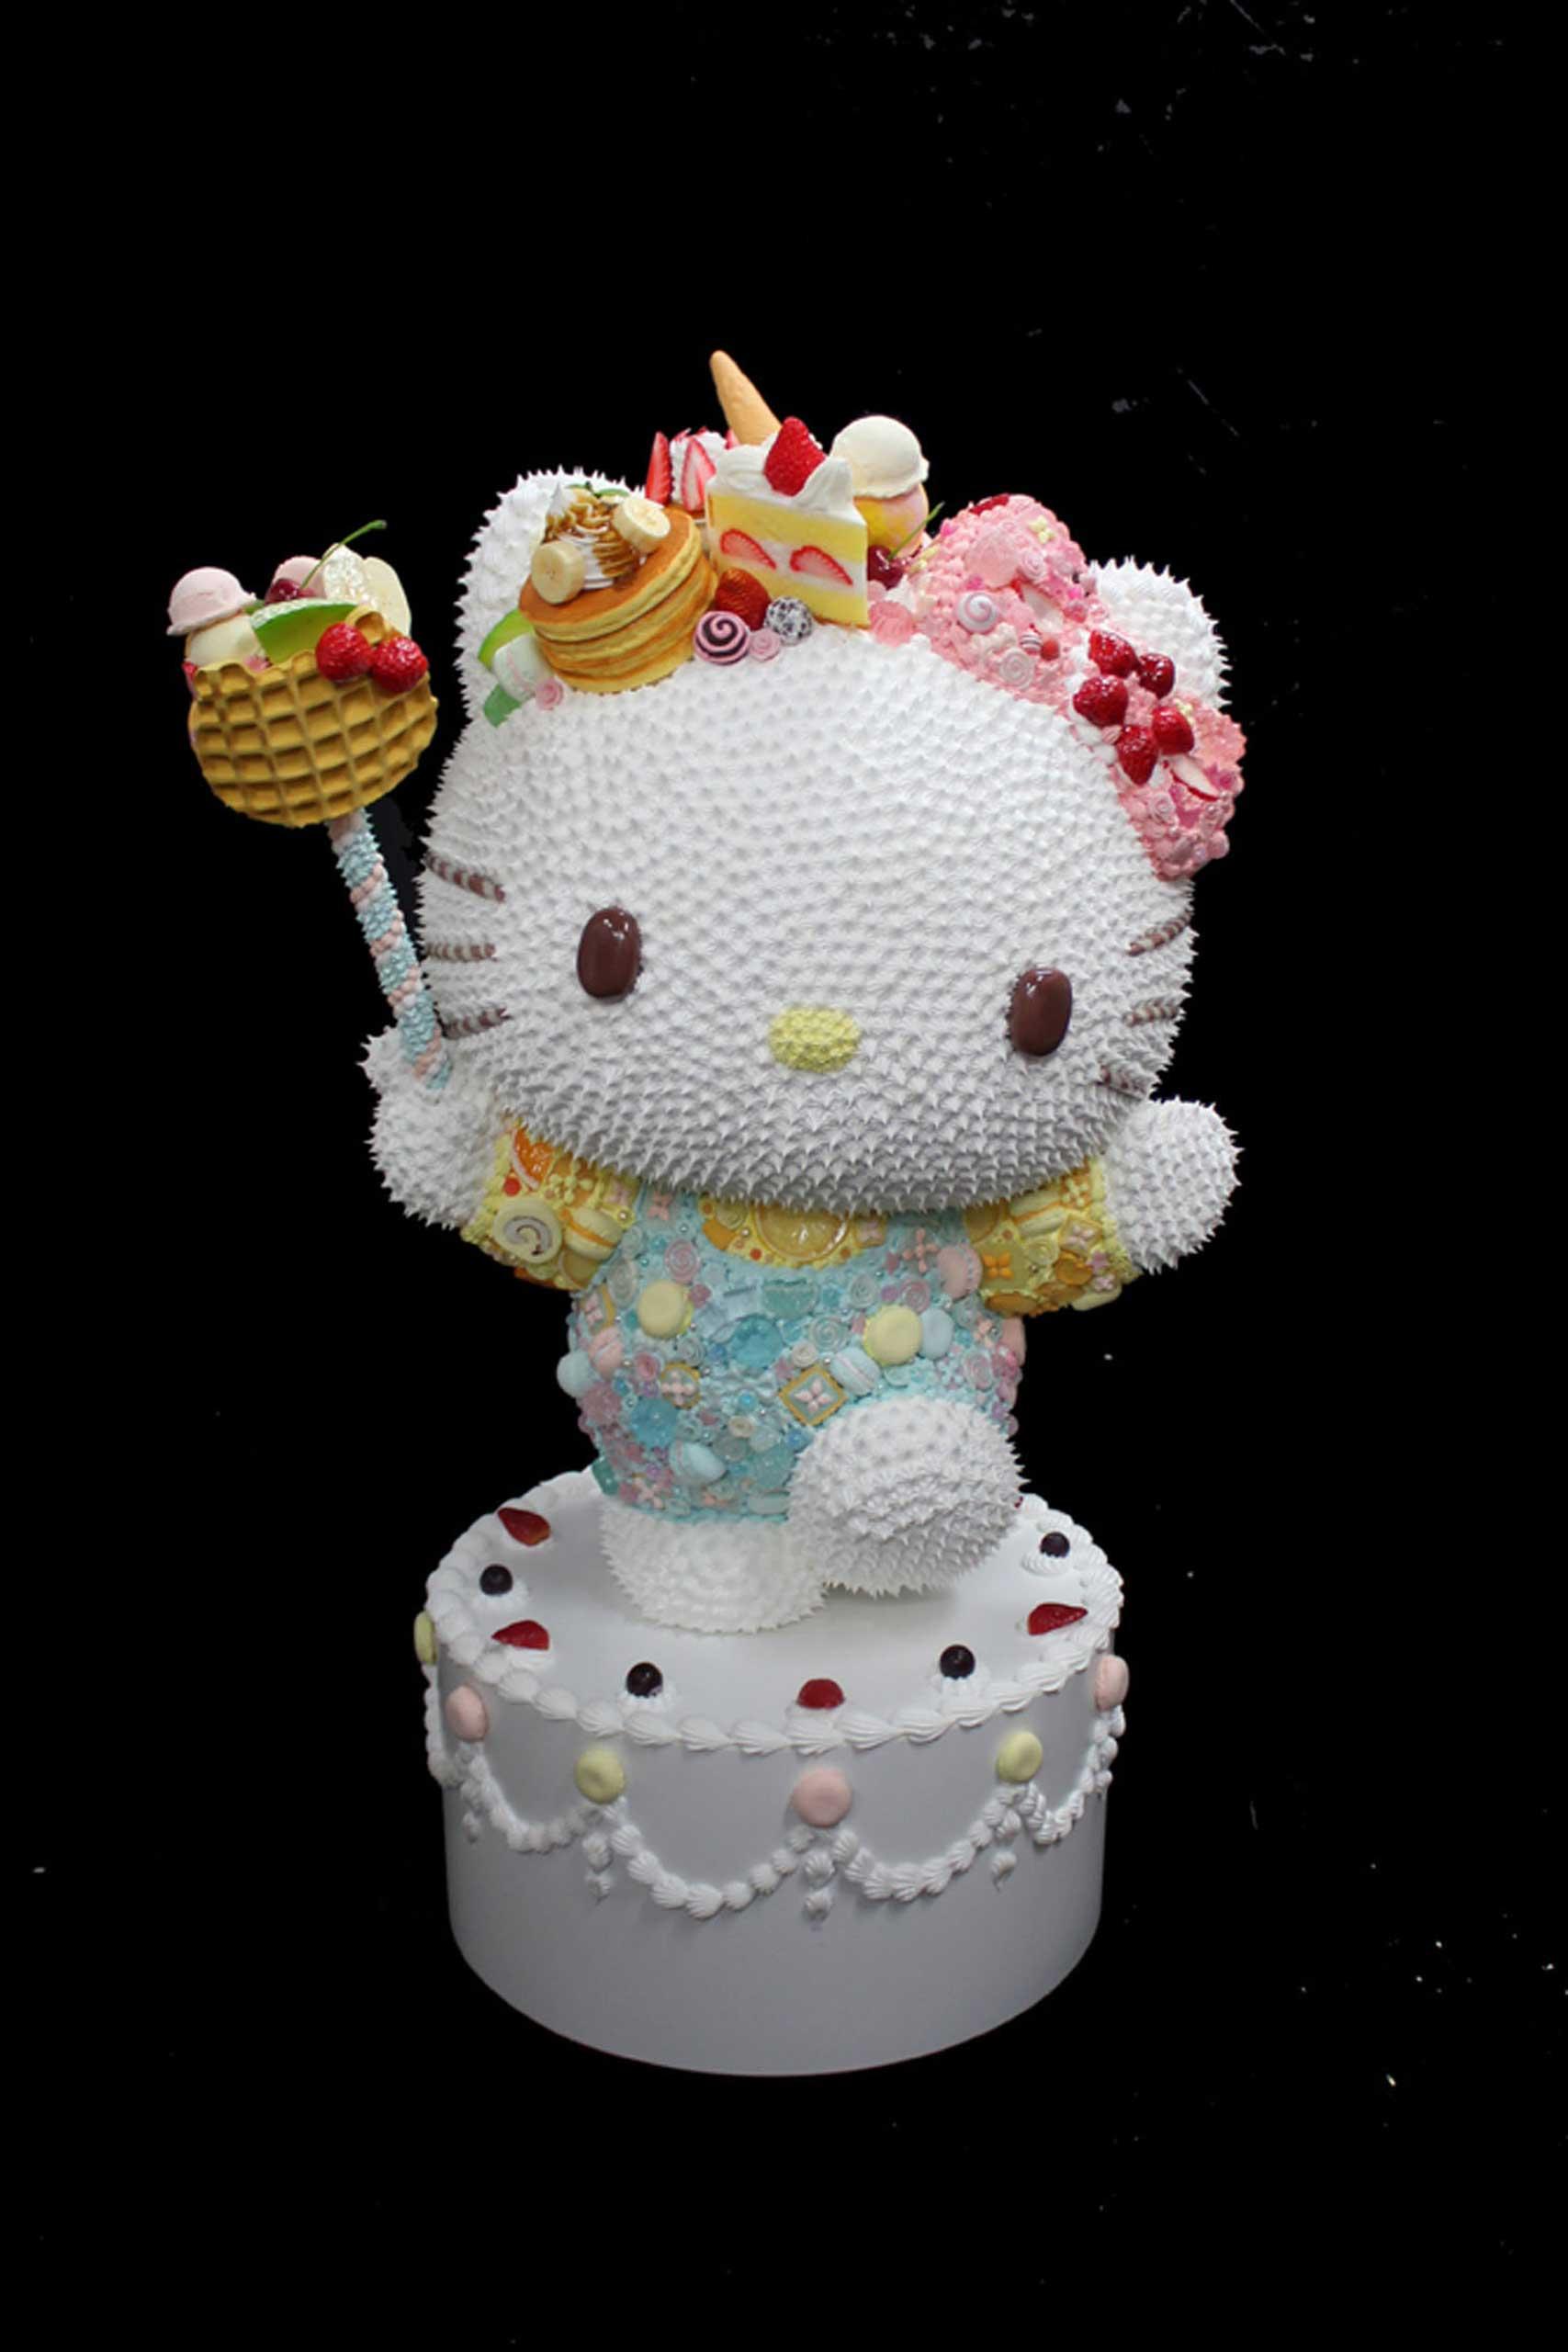 'Sweet Kitty' by Osamu Watanabe